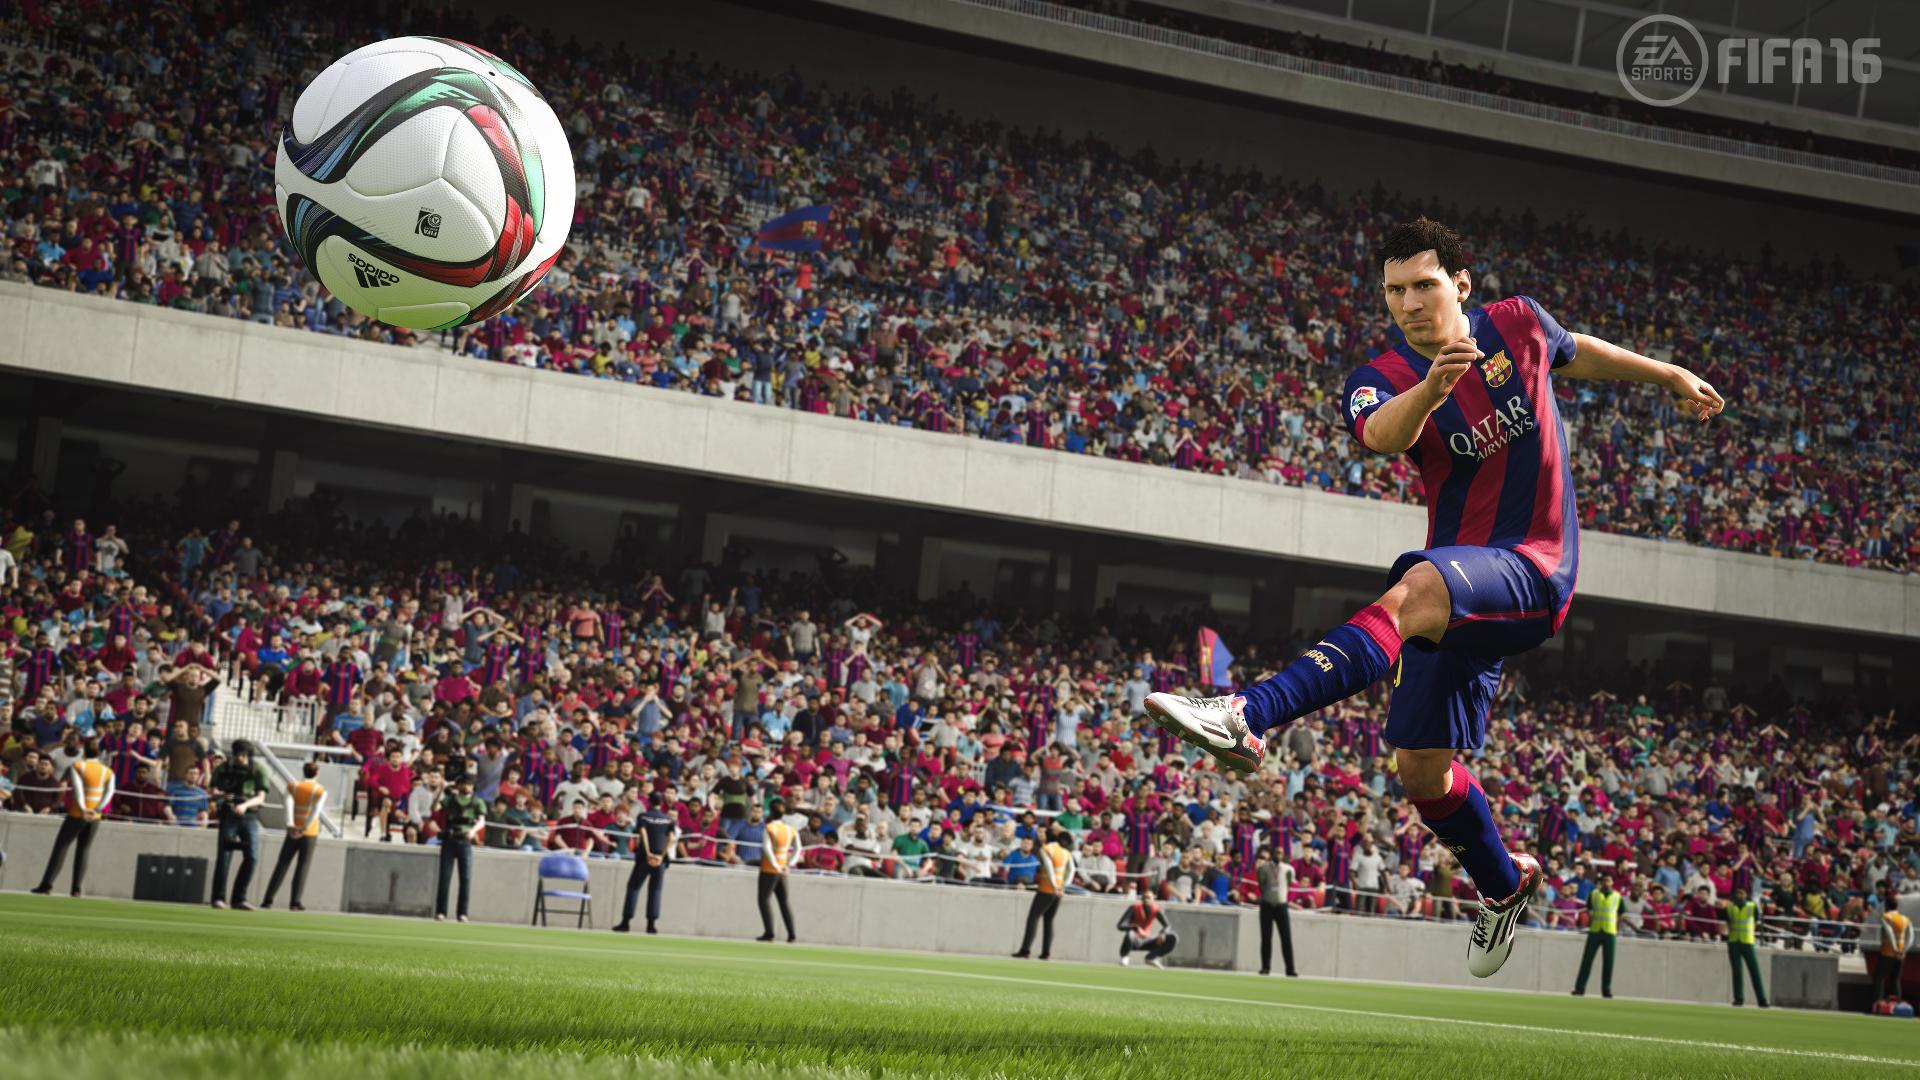 Fifa 16 - Messi - Screenshot Full HD - 1920x1080